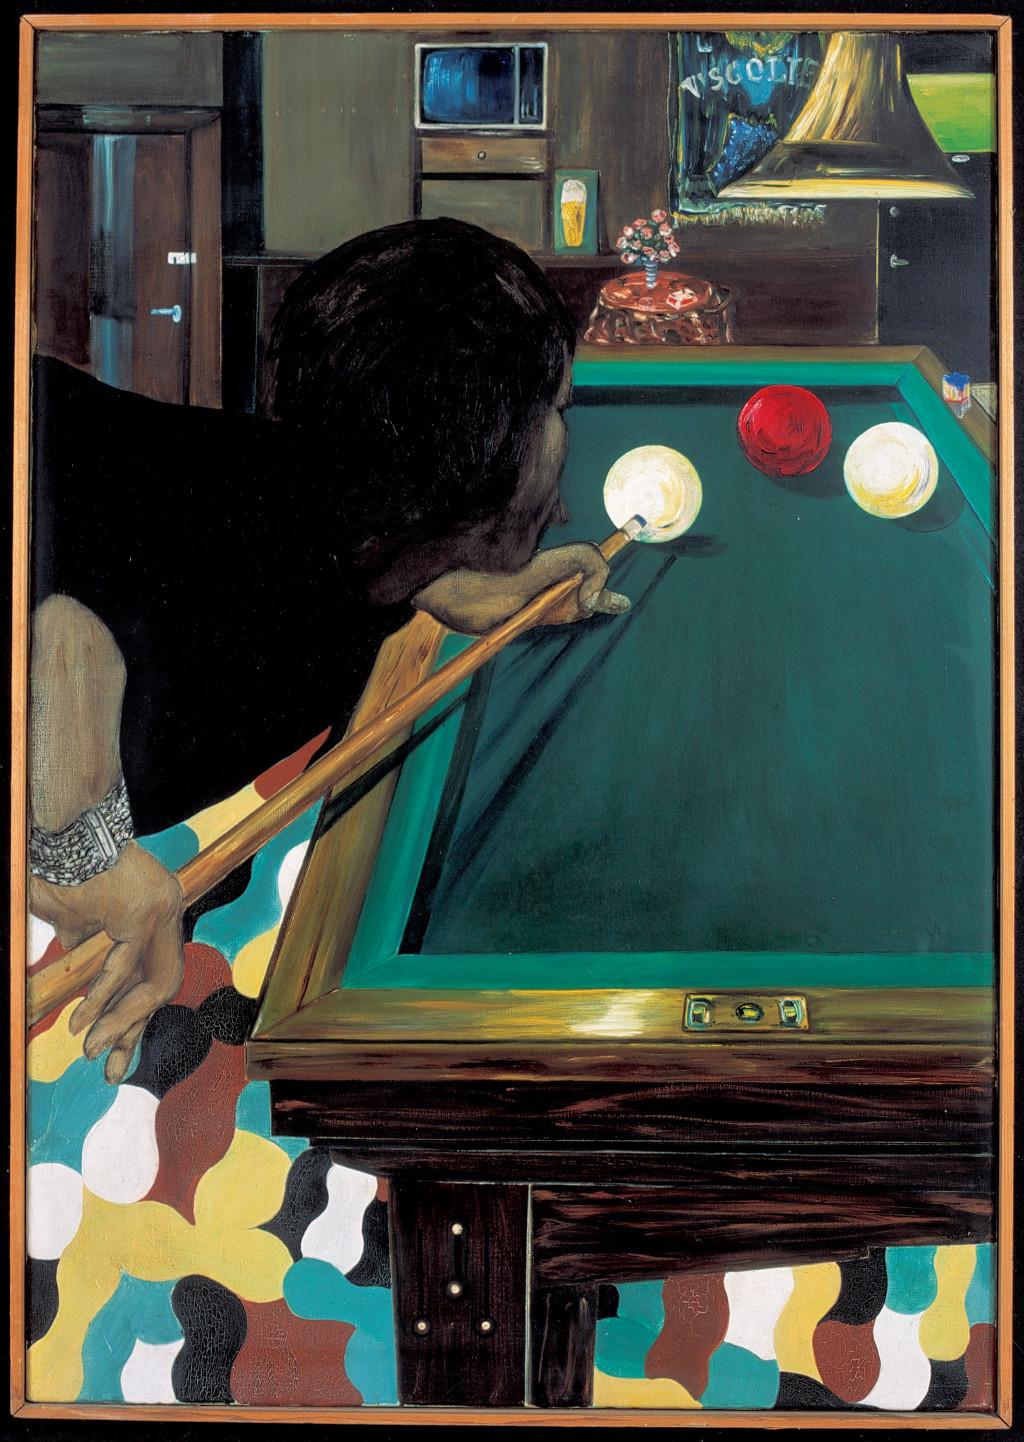 Jacqueline de Jong, 'Op de Queue nemen', 1977. Collectie van de kunstenaar. Courtesy Dürst Britt & Mayhew, Den Haag (NL) / Château Shatto, Los Angeles (US).